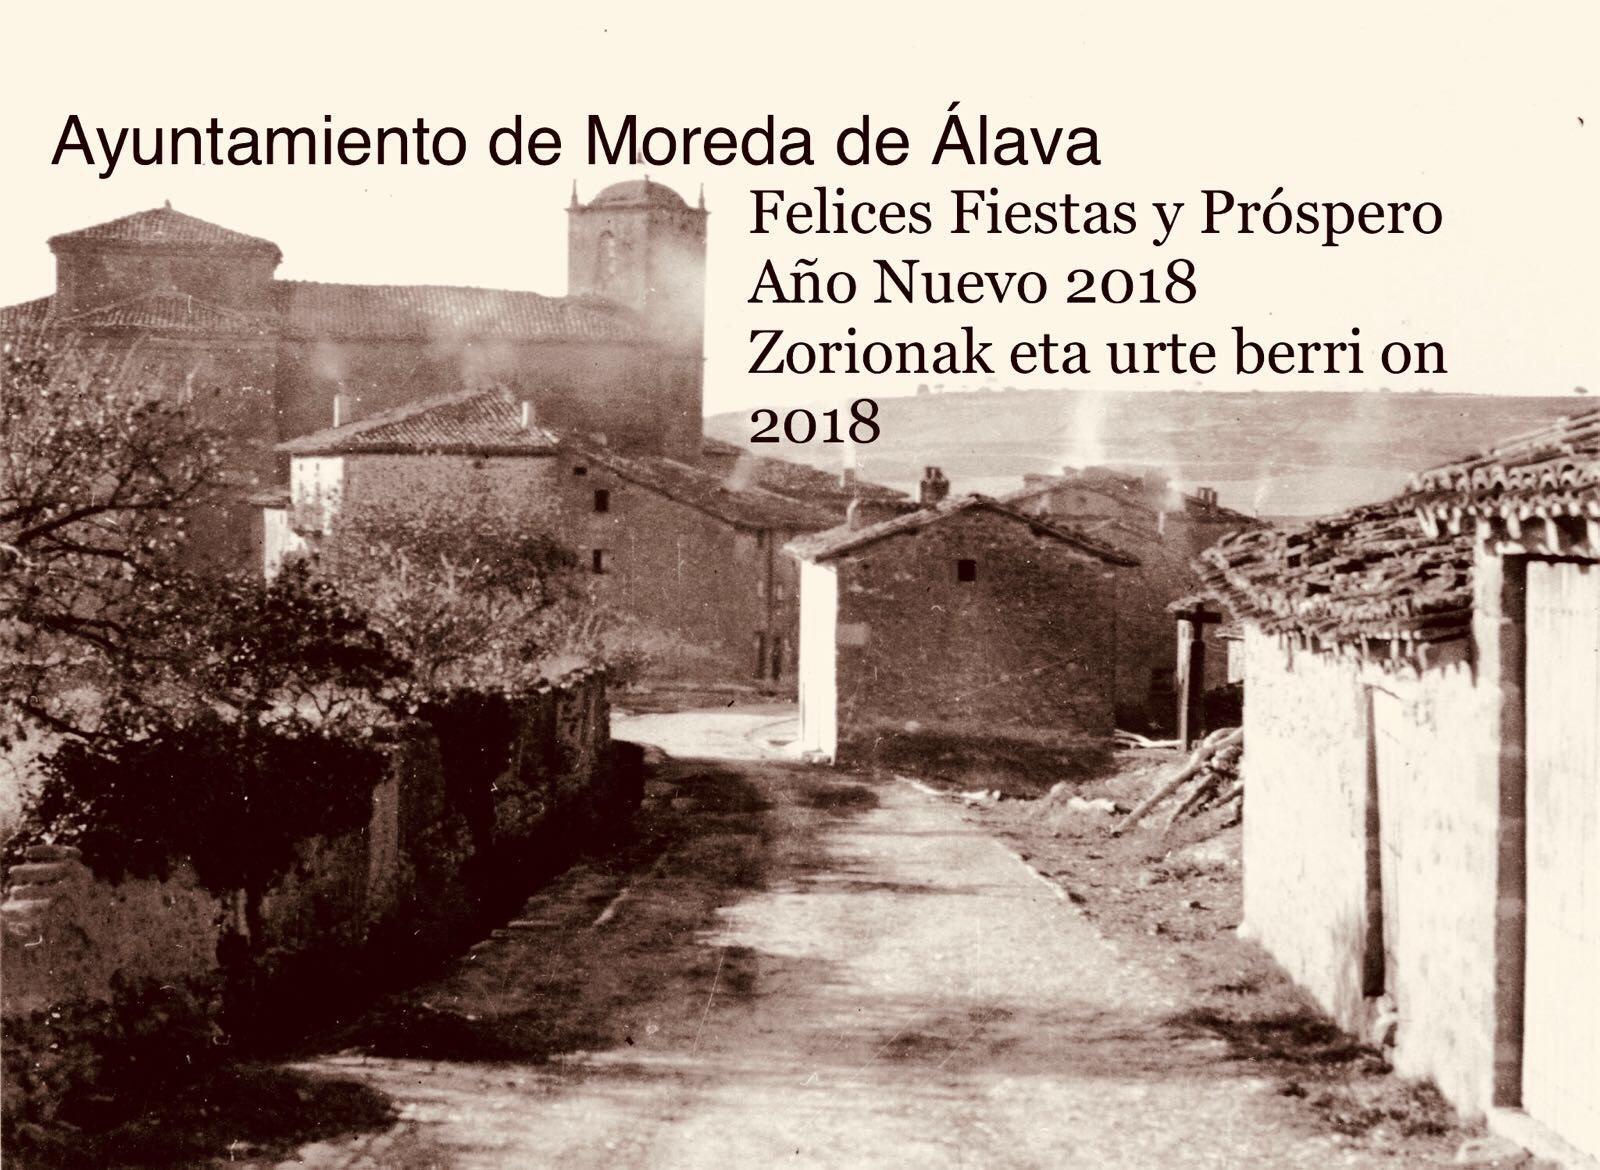 felicitación navideña ayuntamiento de Moreda de álava